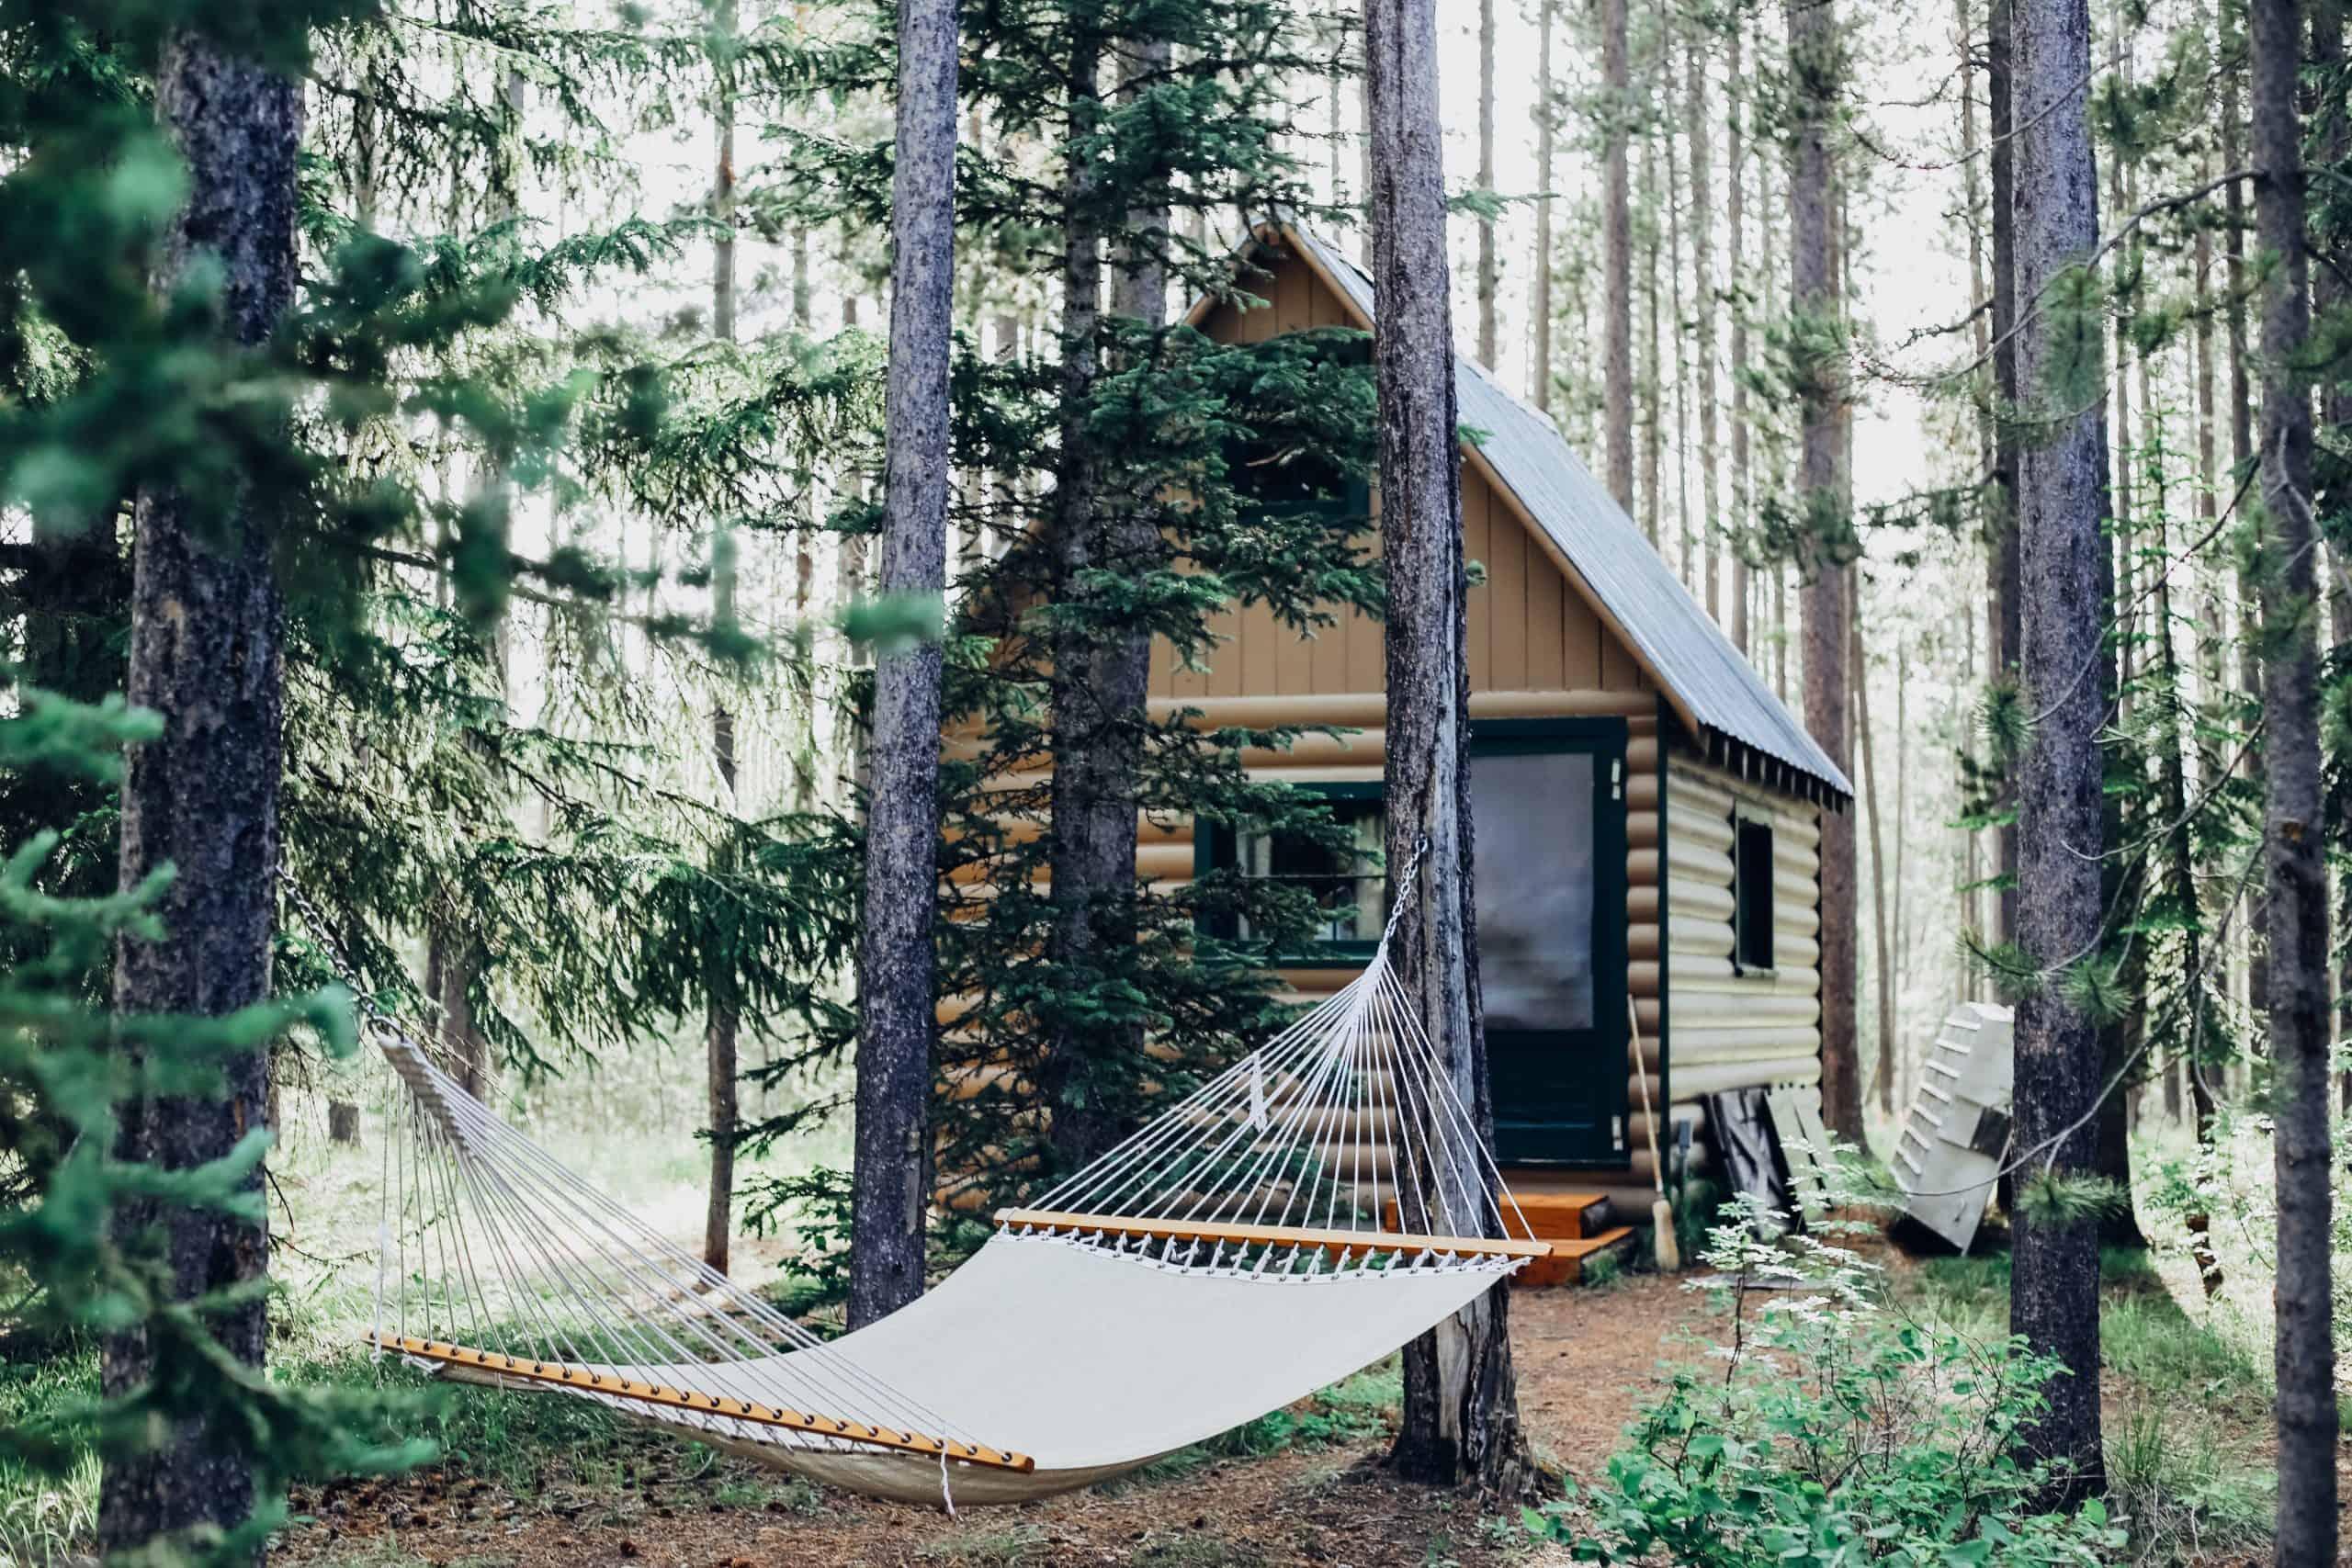 hangmat bij landhuis in het bos